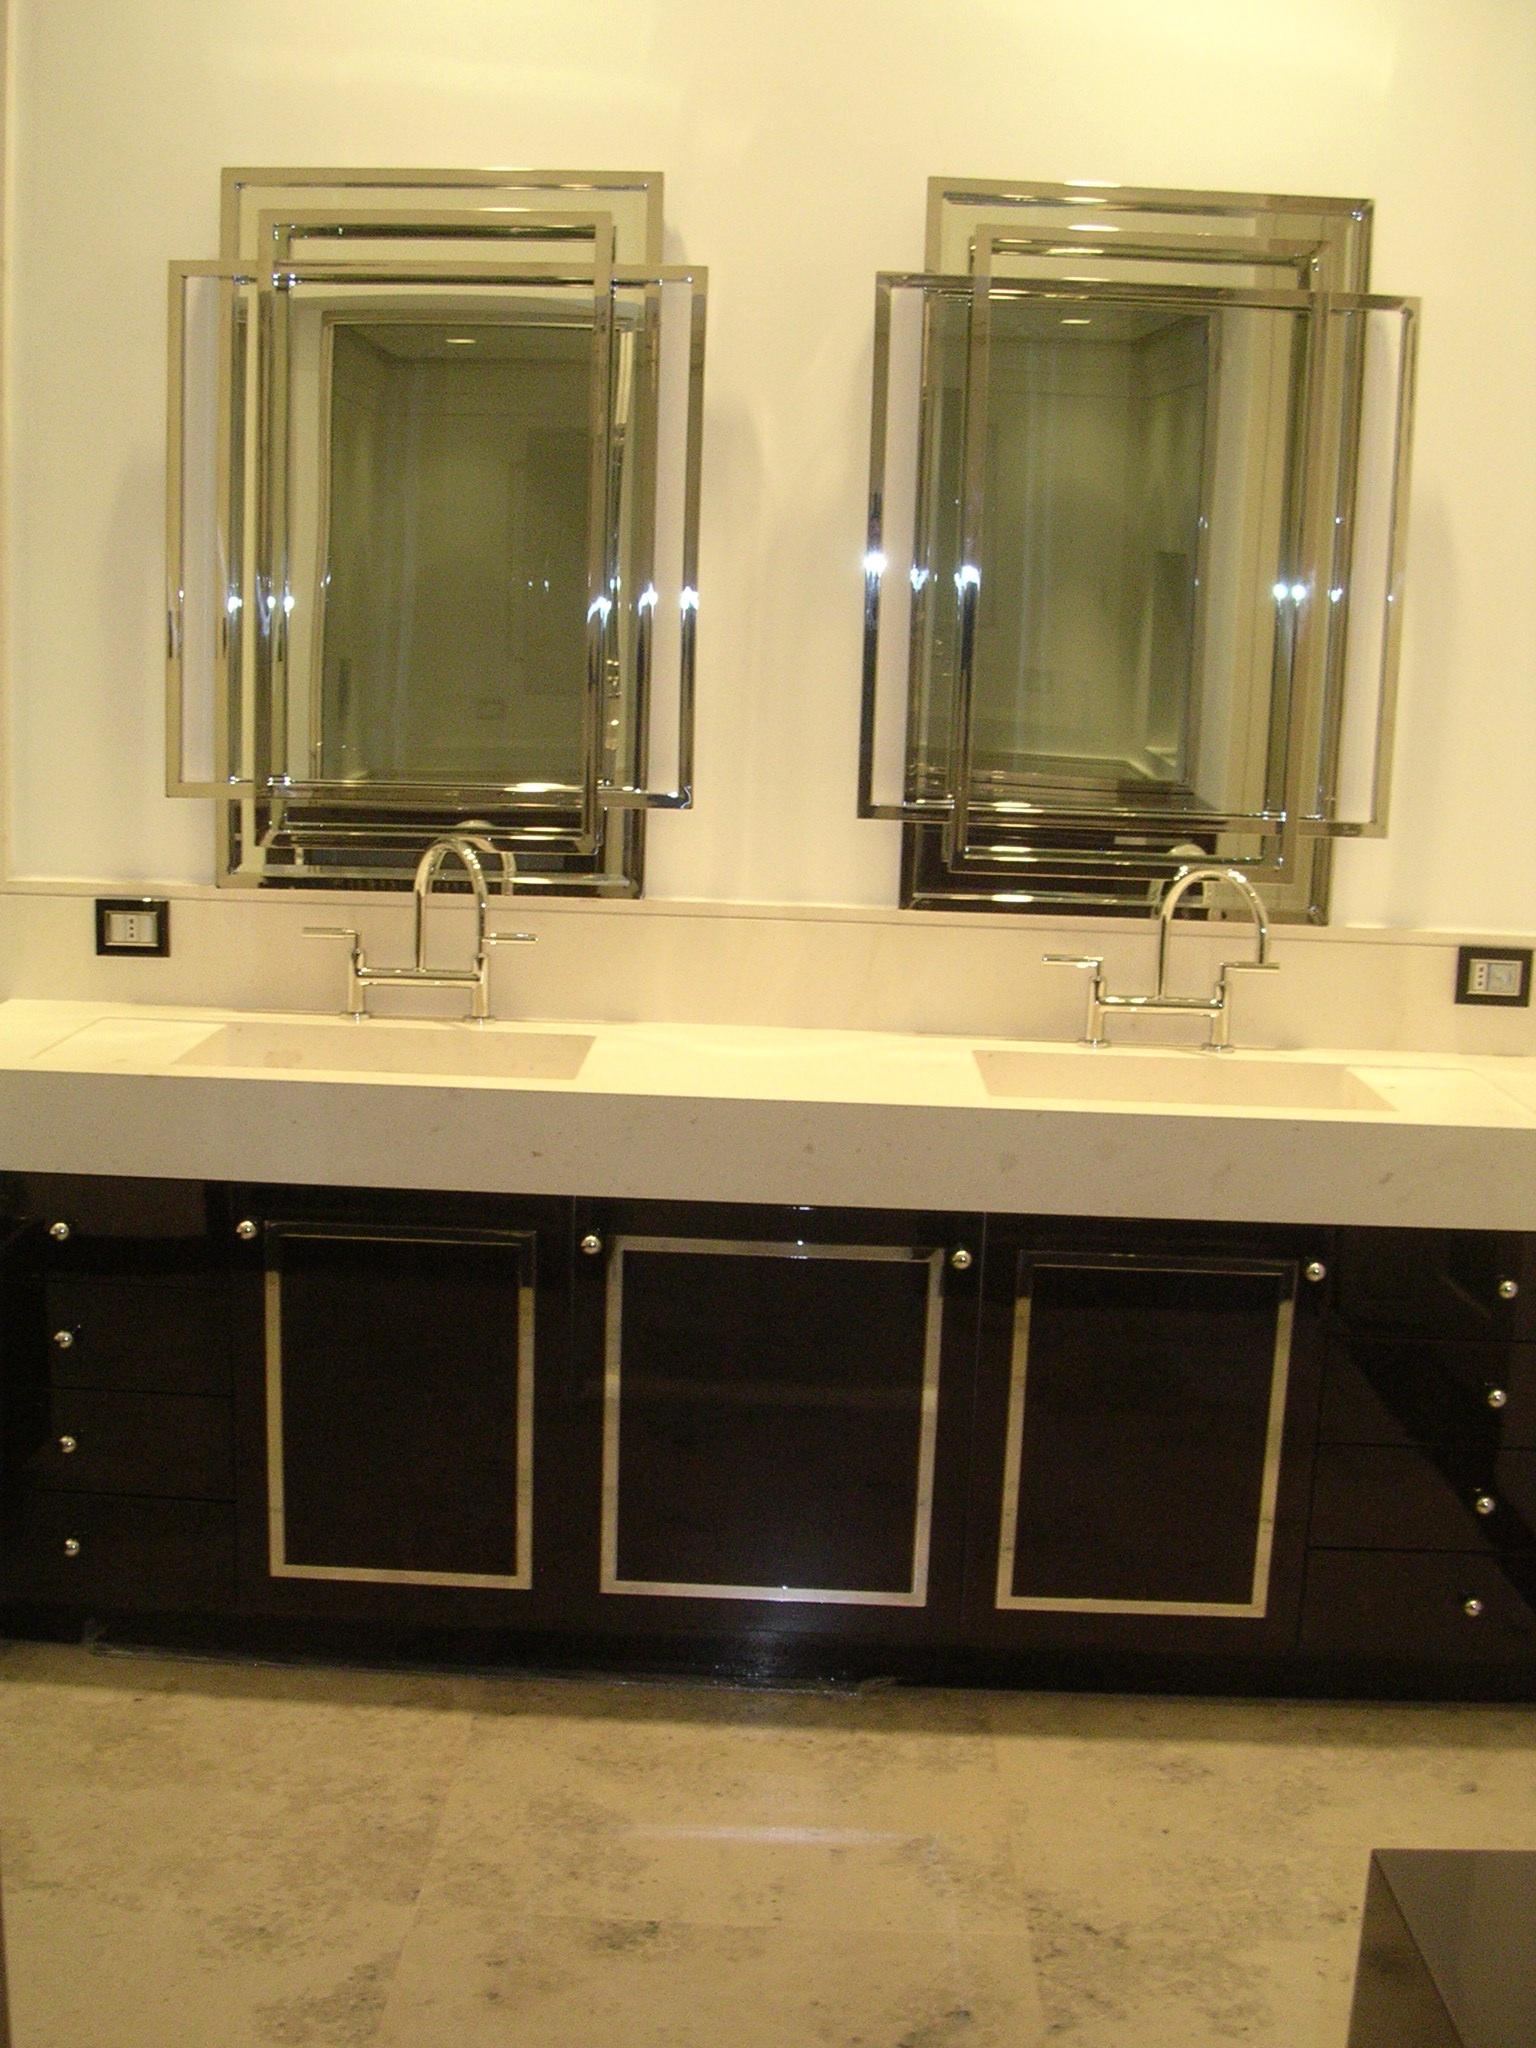 Arredo bagno falegnameria rd arredamenti s r l roma armadi su misura cucine componibili - Mobile bagno doppio lavello ...